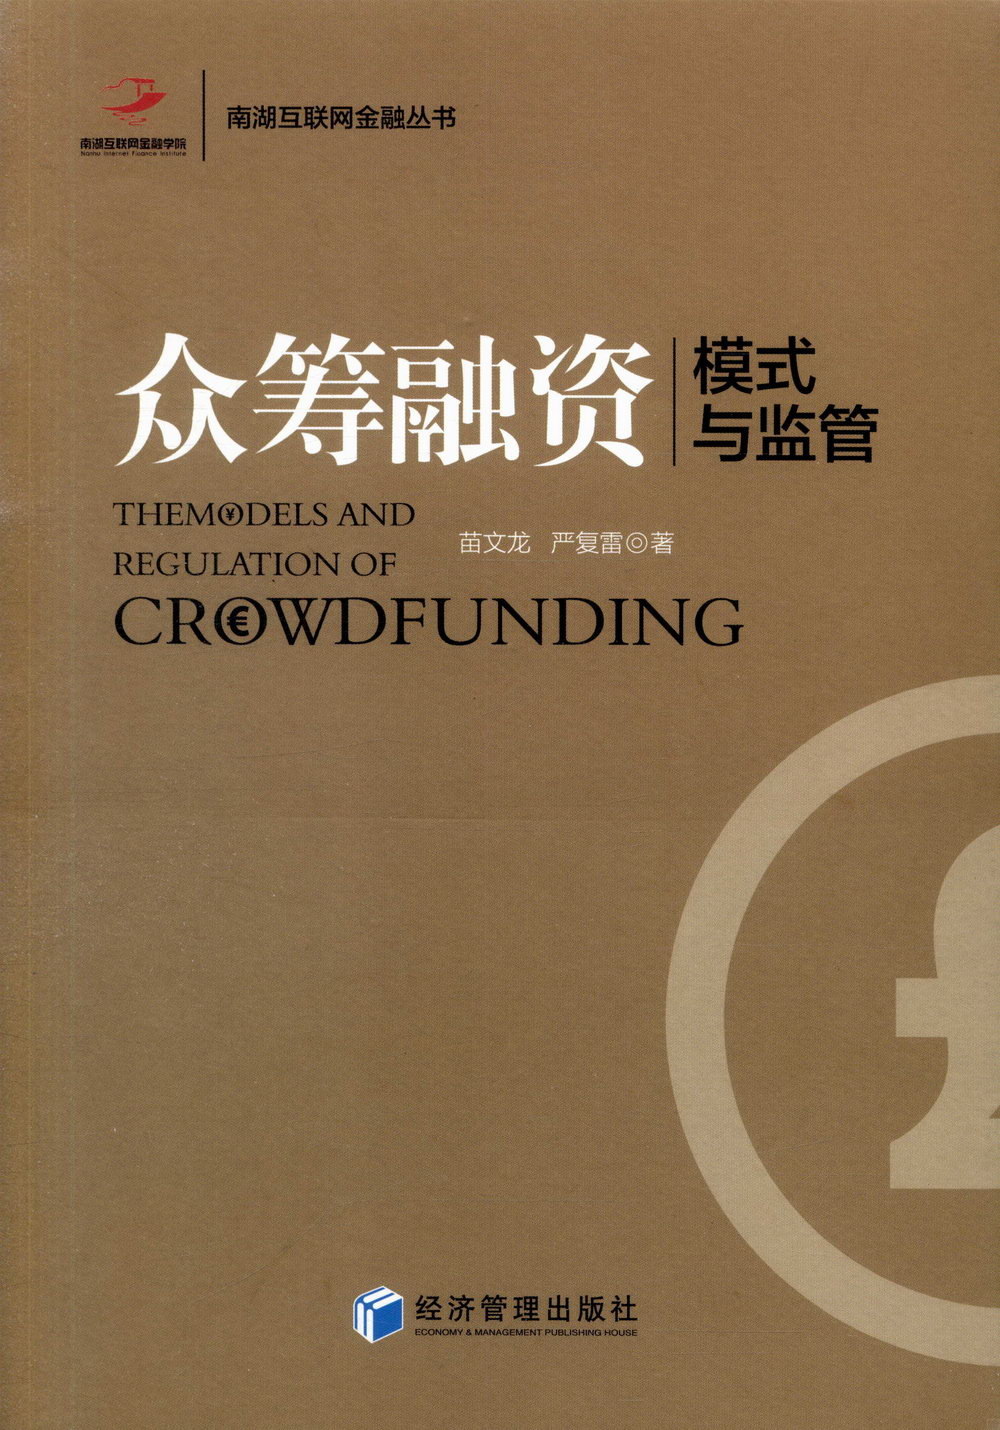 眾籌融資:模式與監管